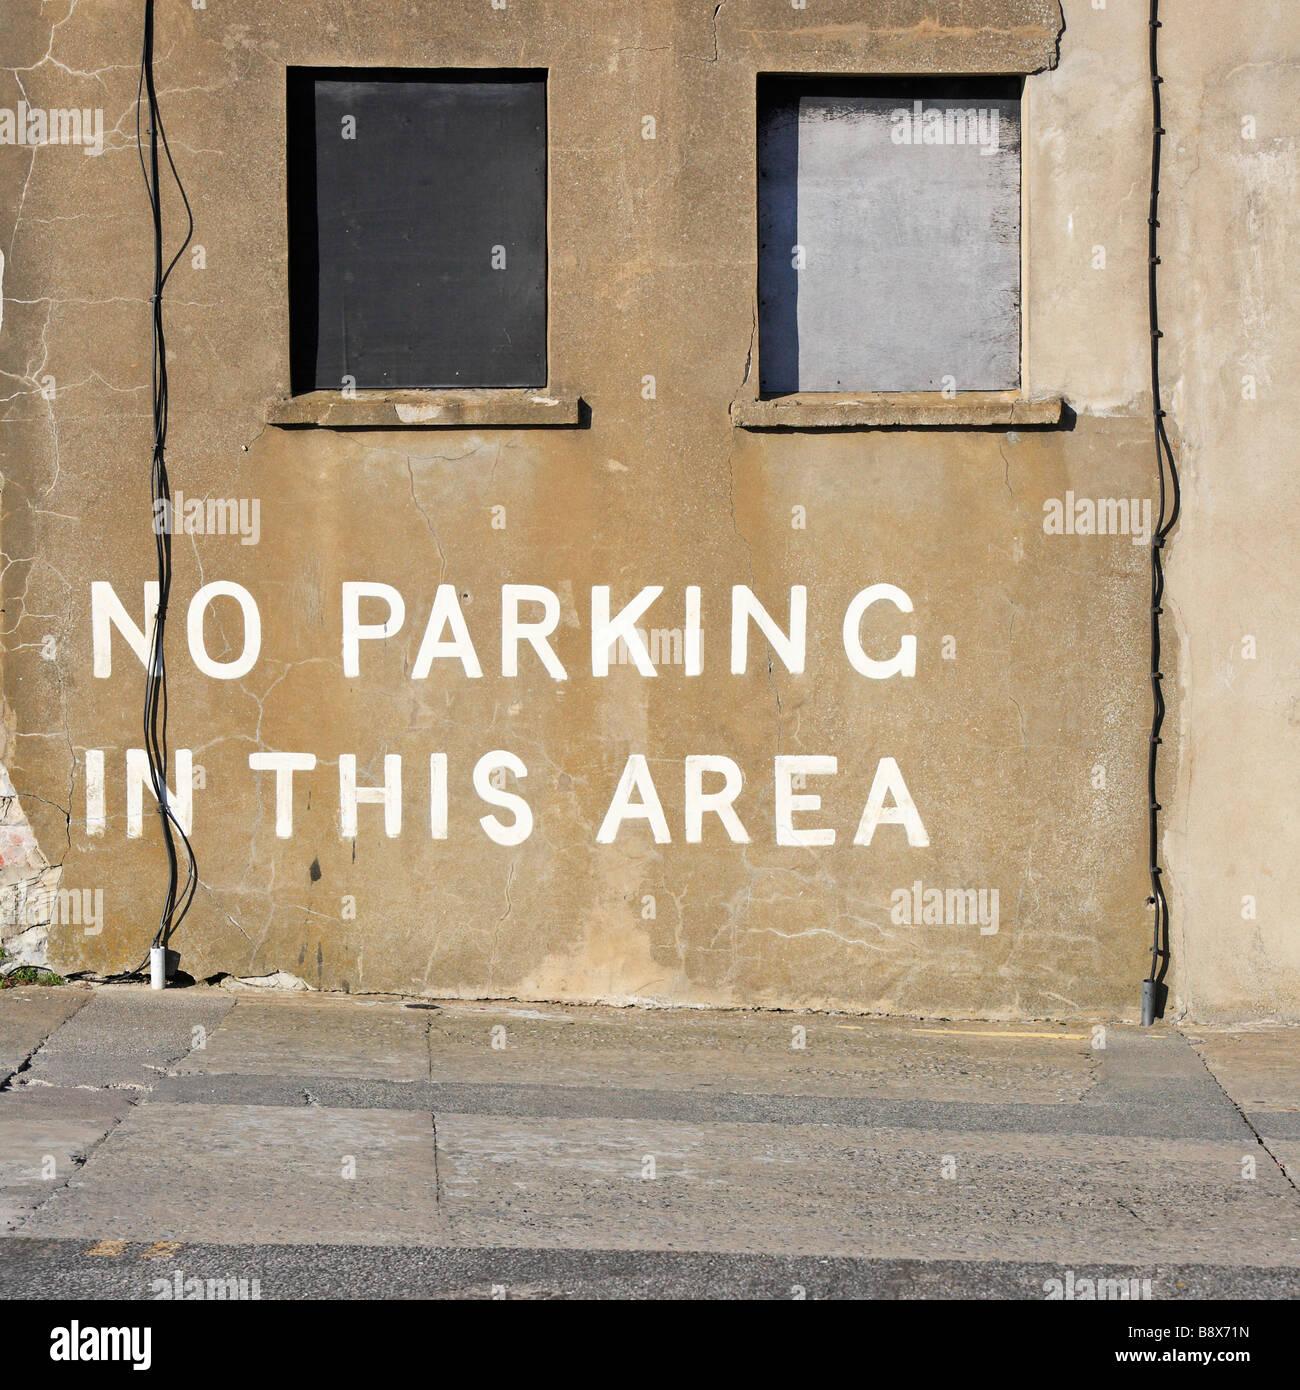 Sign Parking Car Wales Imágenes De Stock   Sign Parking Car Wales ... ecb0e5d54ea75